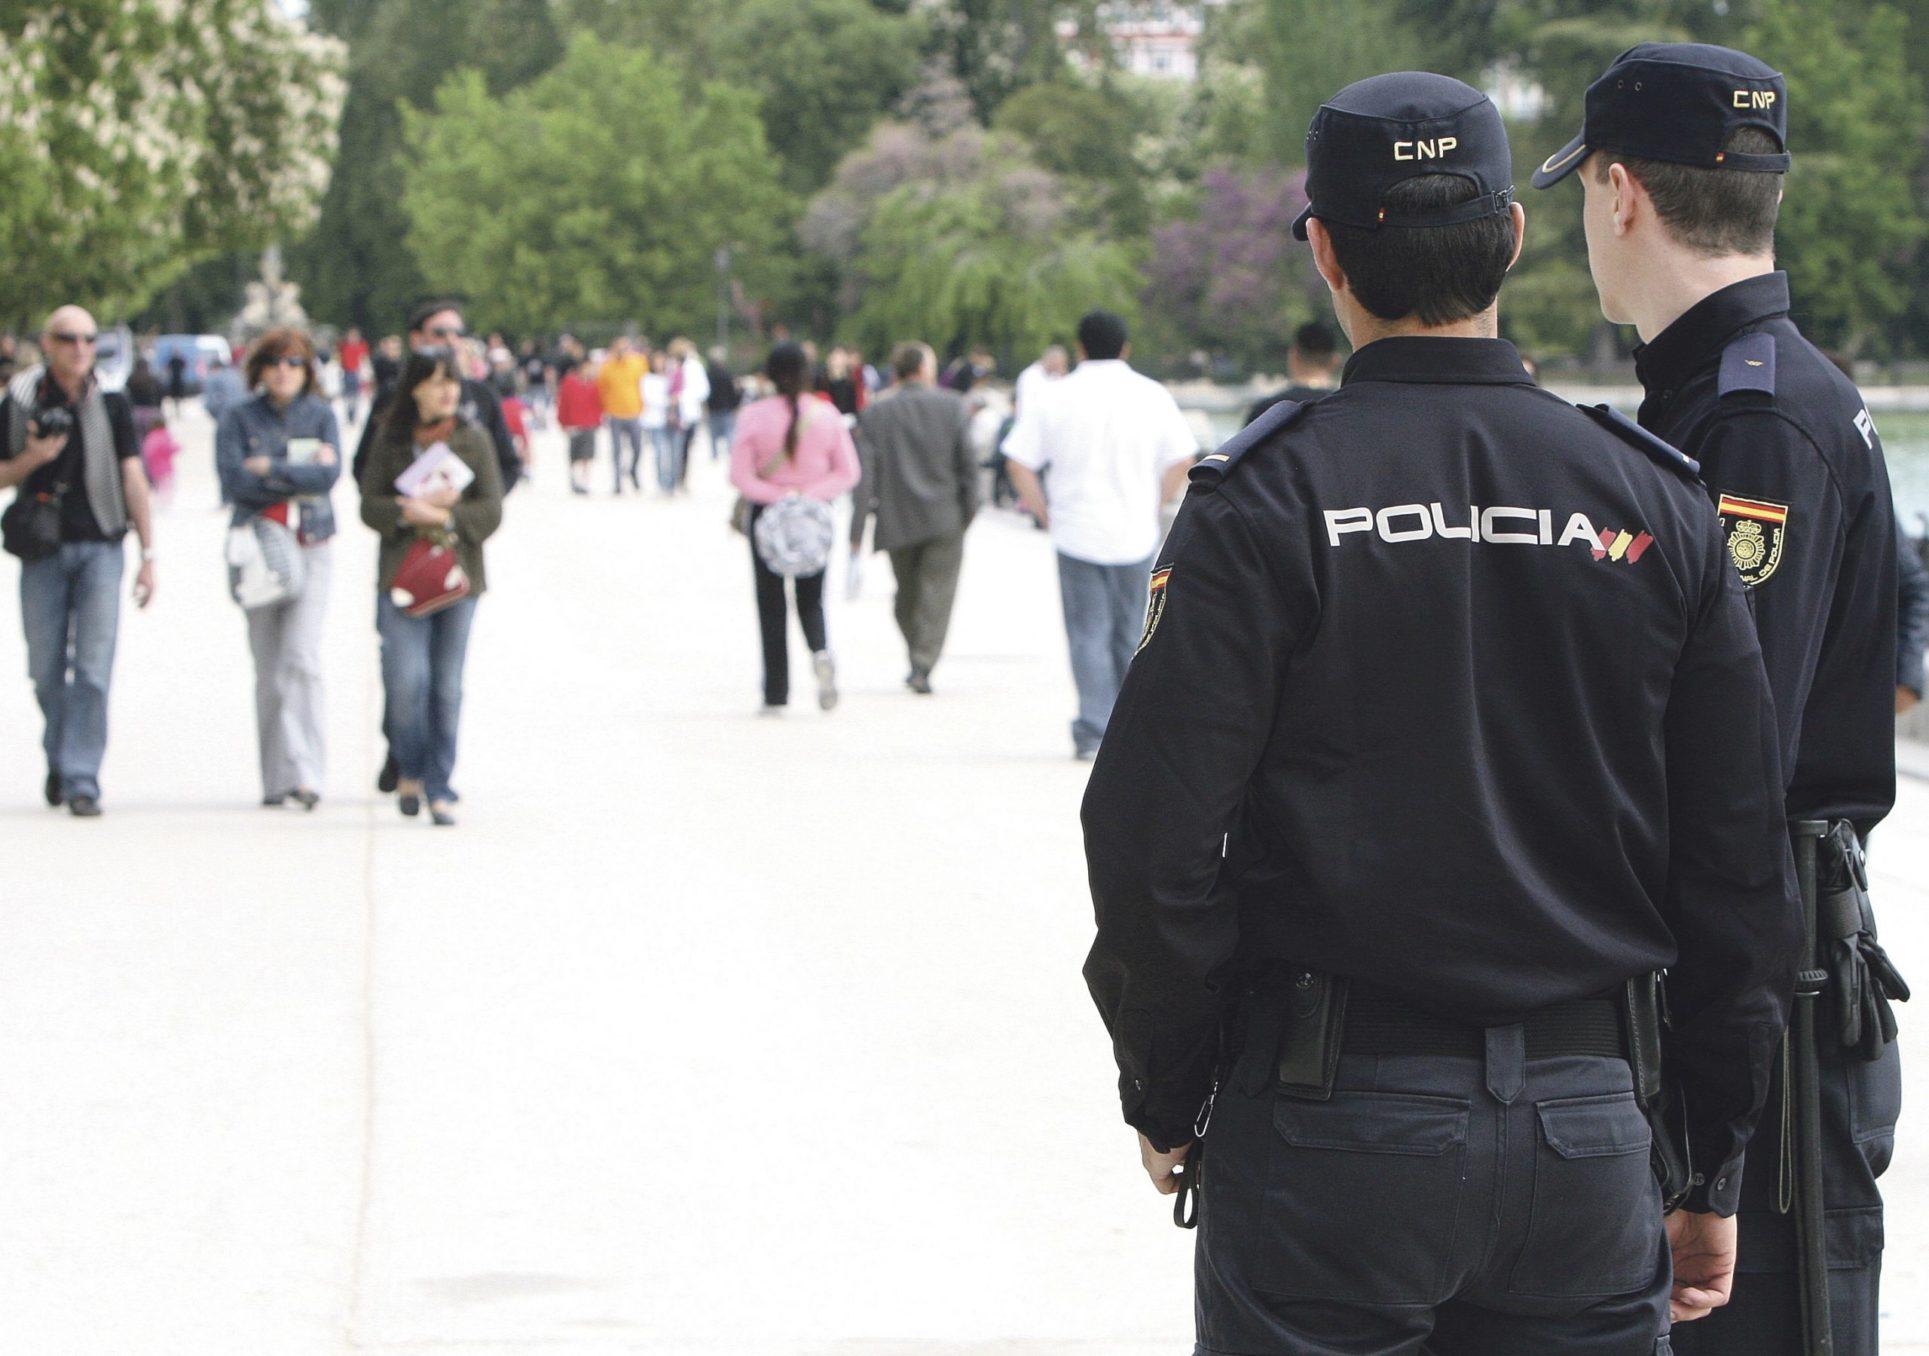 Detingut el presumpte autor d'abusos sexuals a 8 menors El Periòdic d'Ontinyent